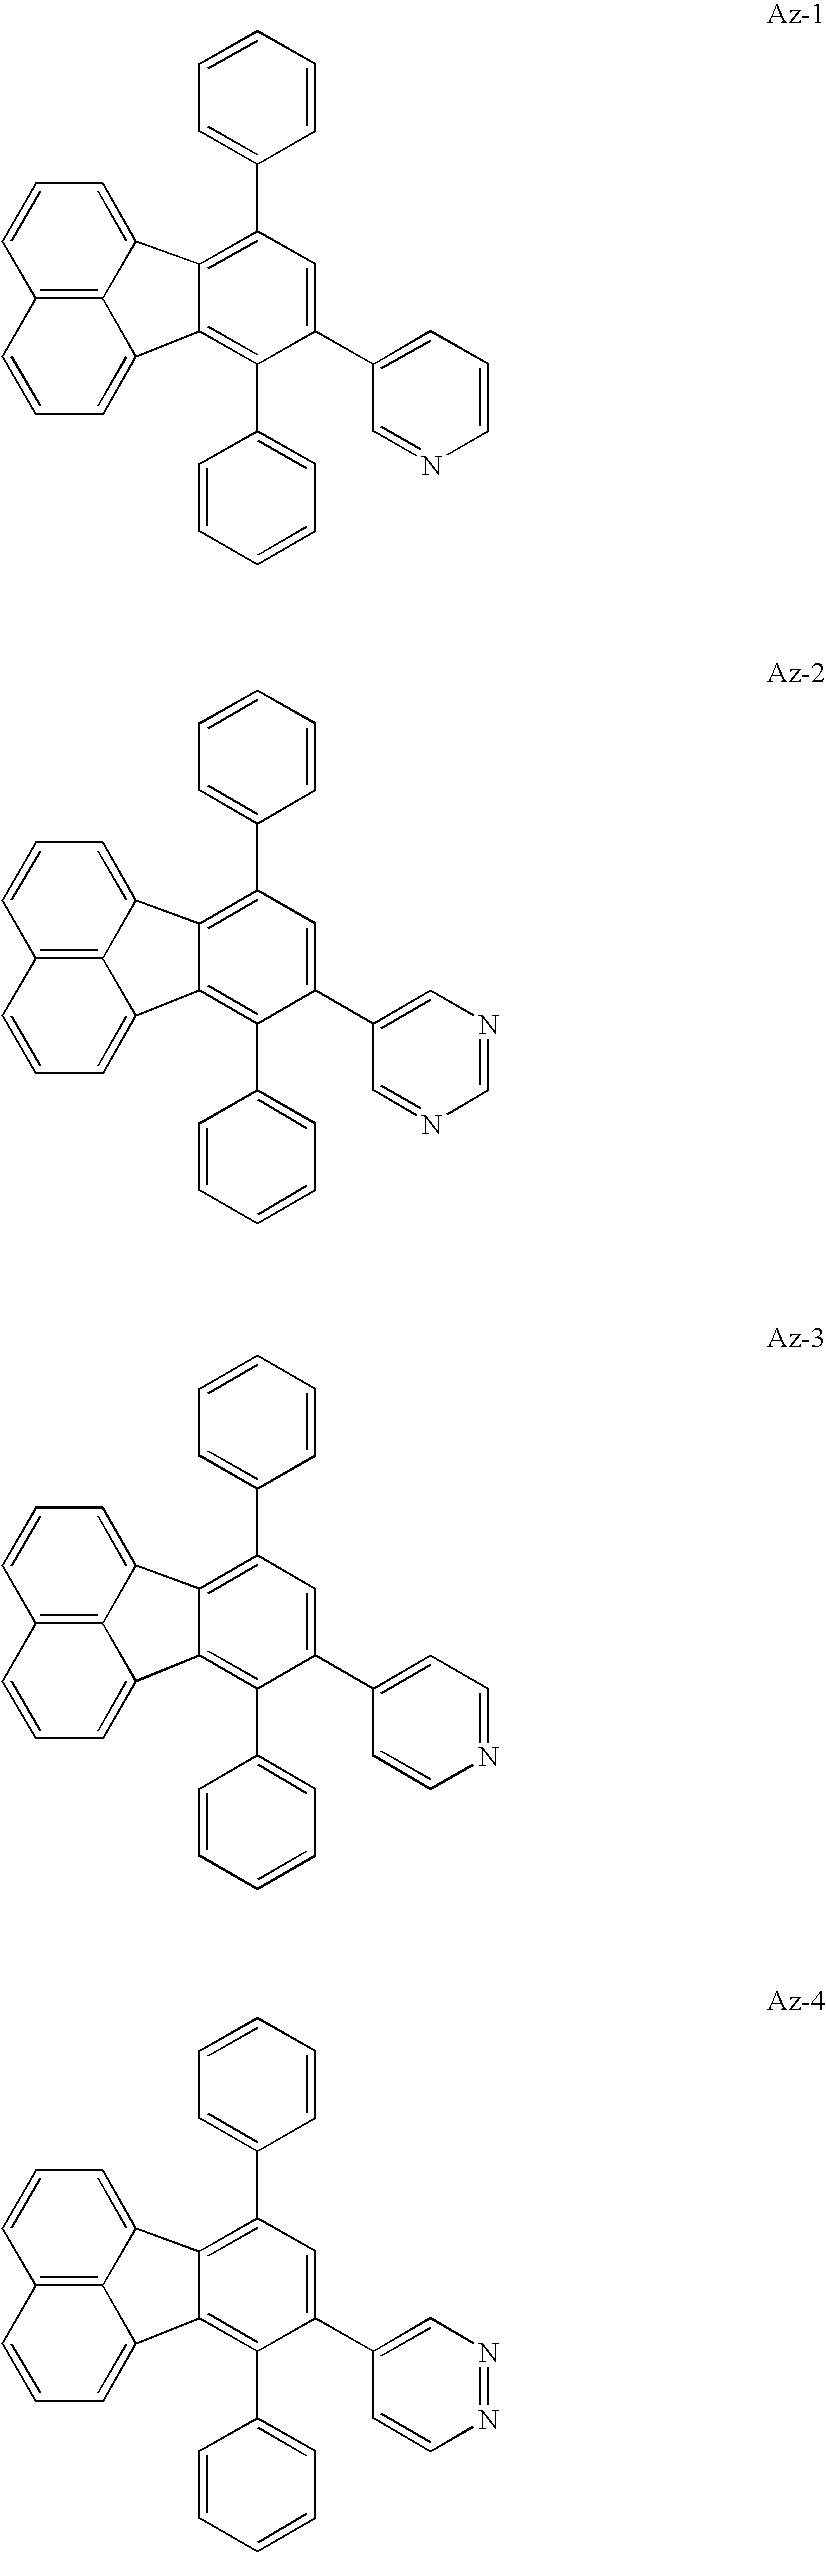 Figure US20100244677A1-20100930-C00025